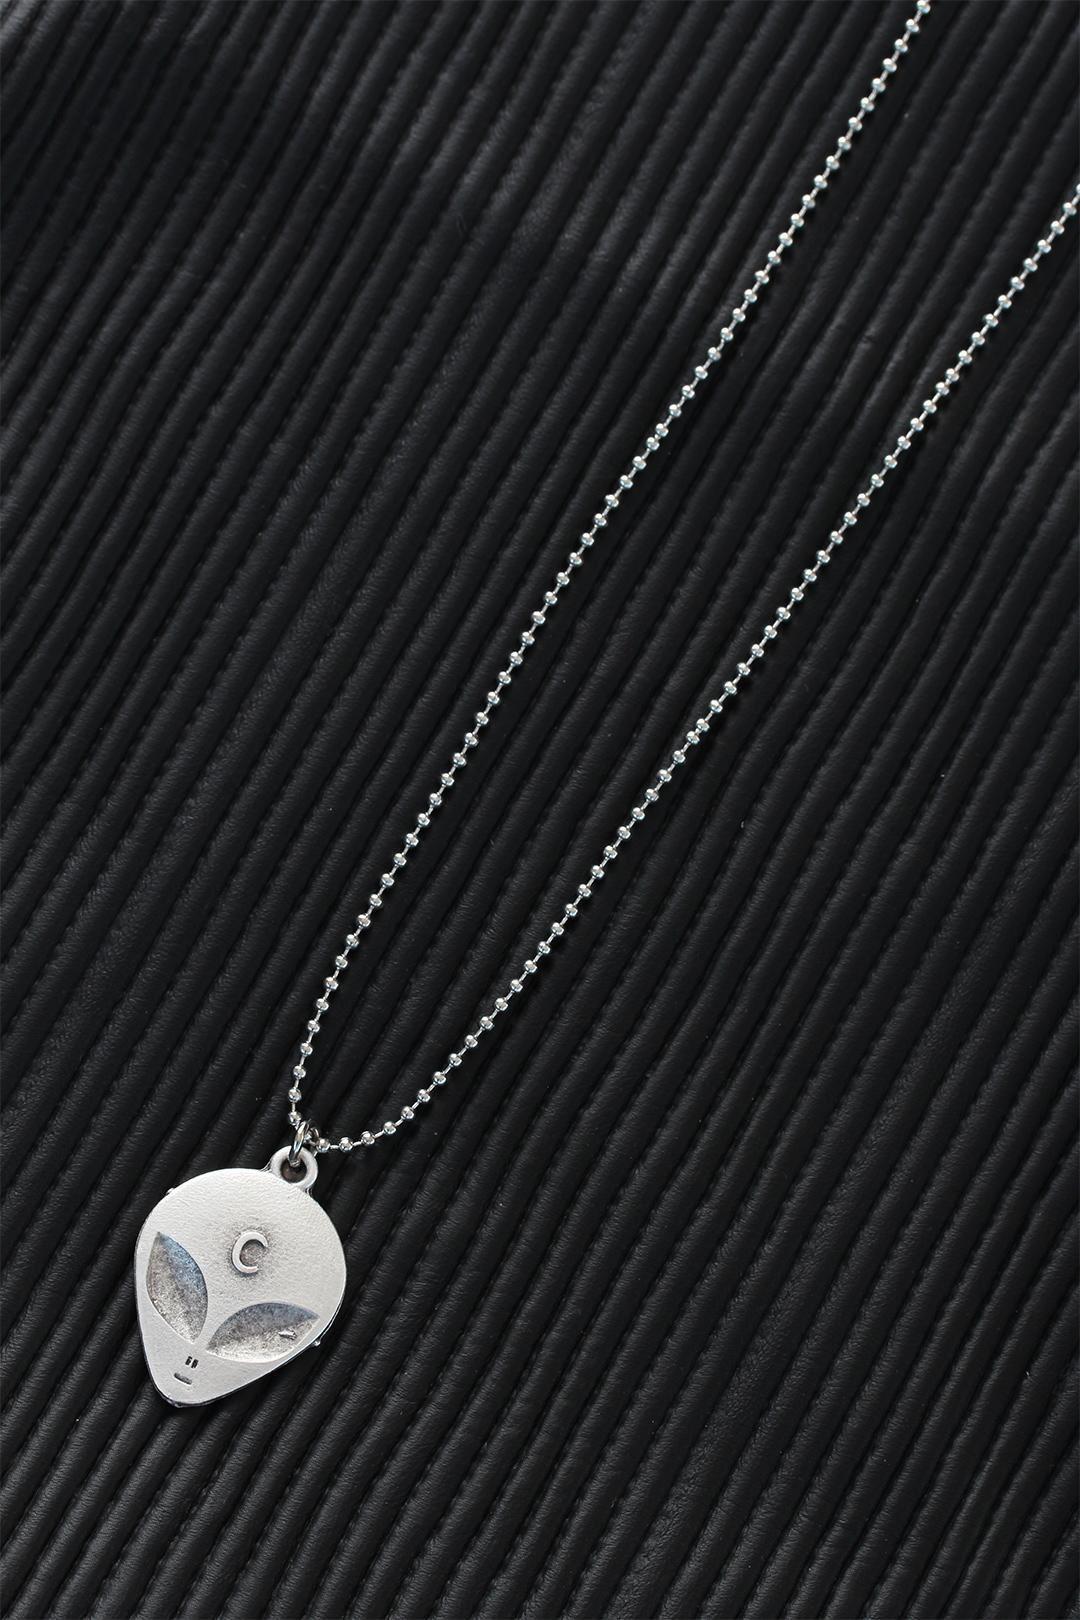 Top Zincirli Alien Tasarım Eskitme Gümüş Renk Kolye